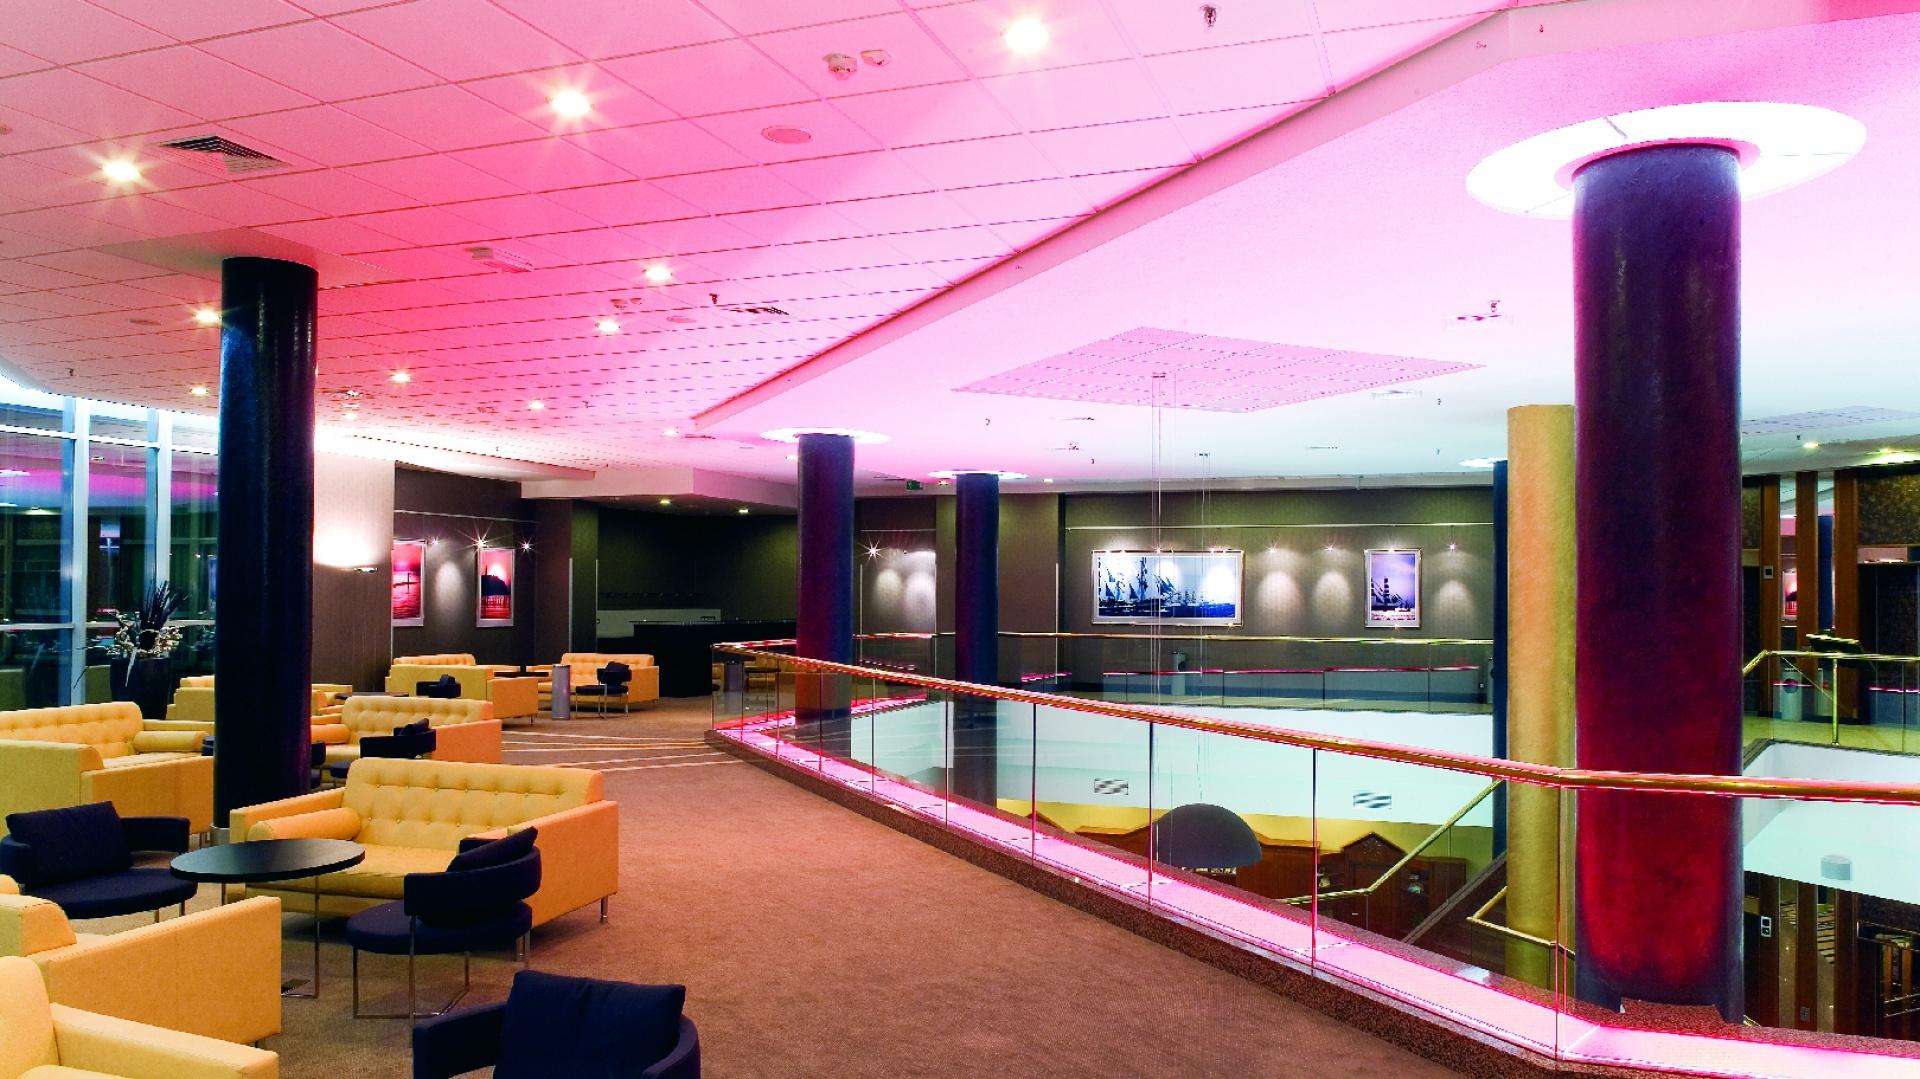 Lobby hotelowe i Foyer. Charakterystyczne czarne filary to odważny i bardzo charakterystyczny element aranżacji. Fot. Bartosz Jarosz i Studio Buczny Design